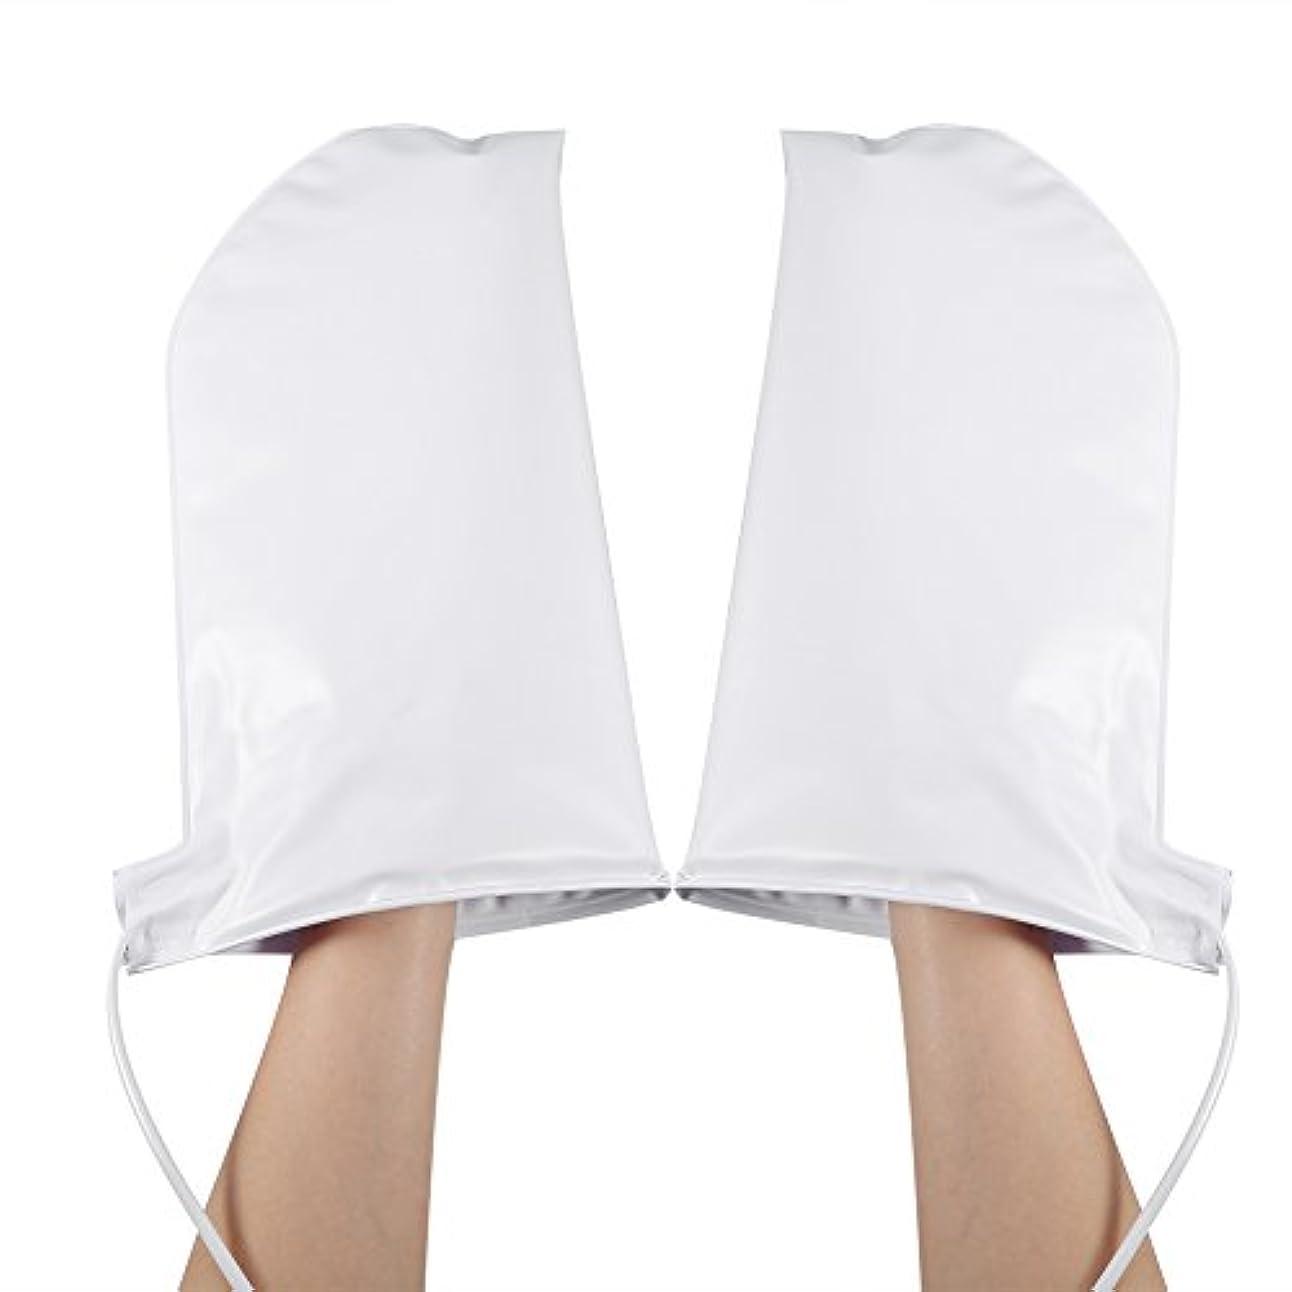 盆リテラシー良い手袋 ヒートグローブ 加熱式 電熱 手ケア ハンドケア 2つ加熱モード 乾燥対策 手荒れ対策 補水 保湿 美白 しっとり